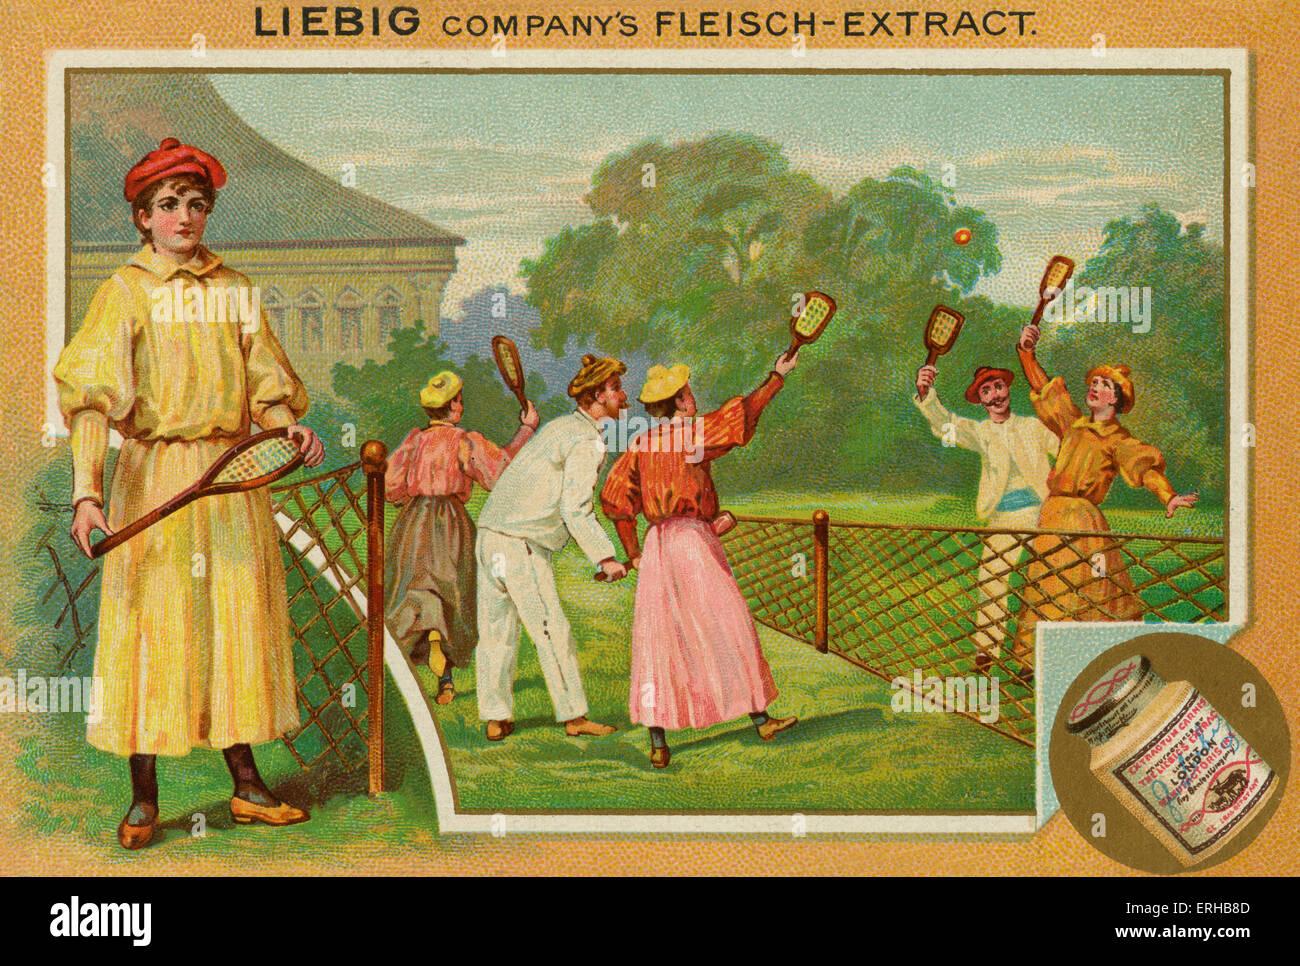 Un partido de tenis sobre hierba. Tarjetas Liebig, Deportes, 1896. Imagen De Stock